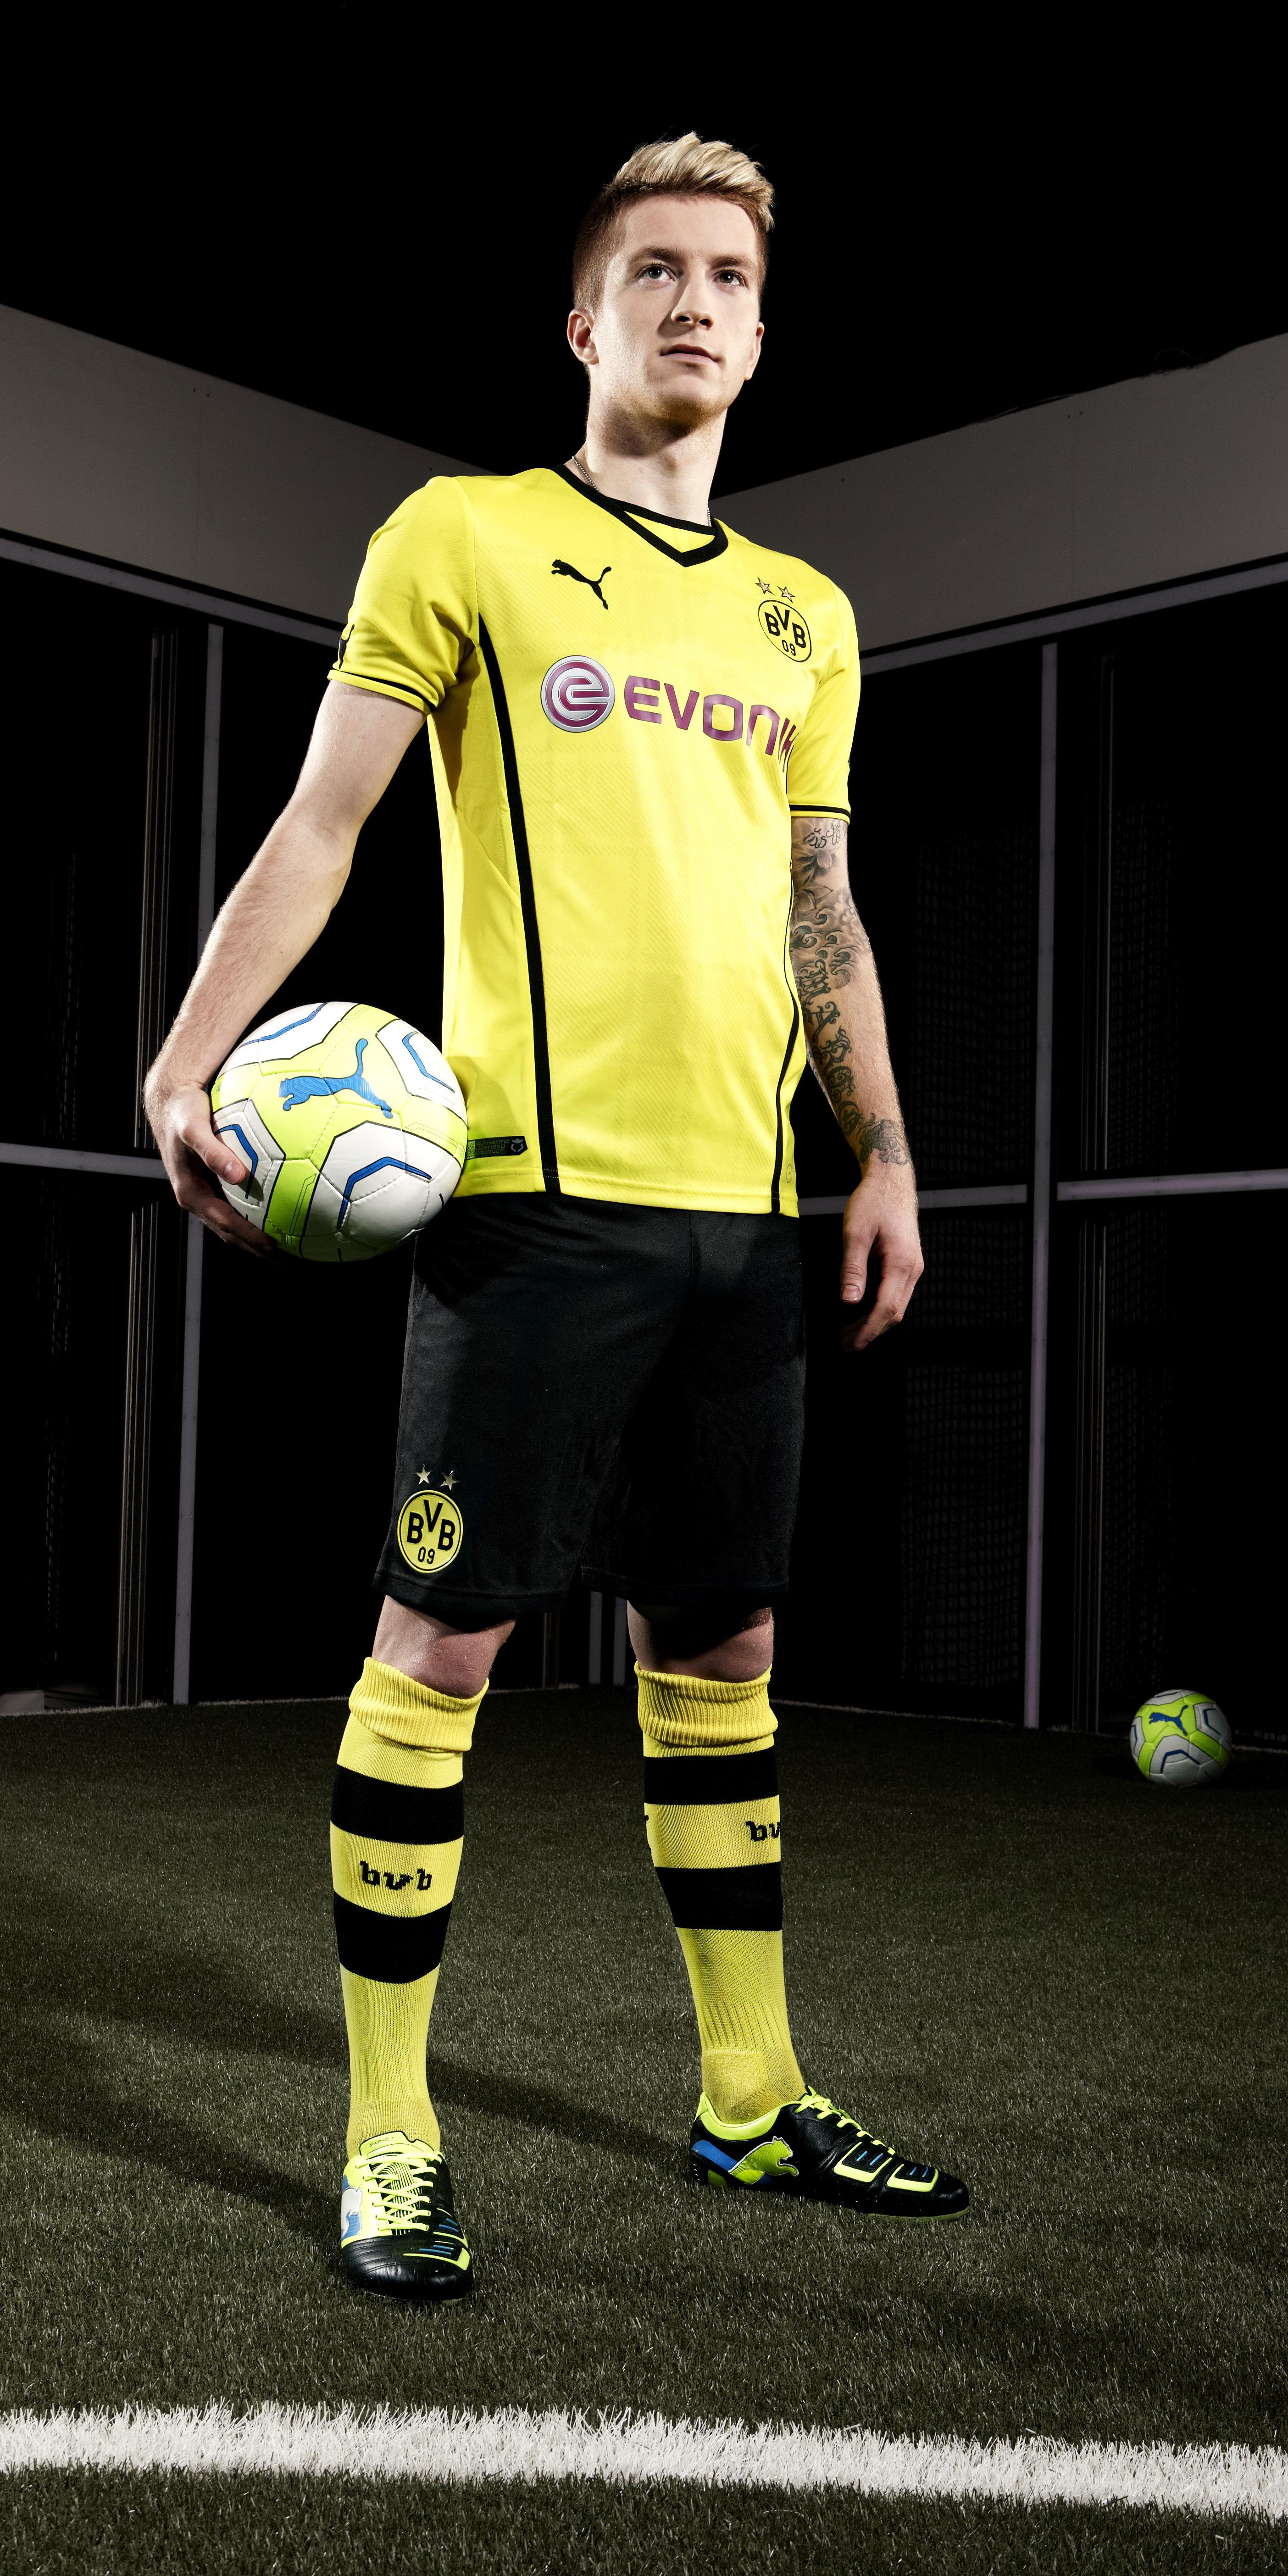 Borussia Dortmund 2013-14 kits